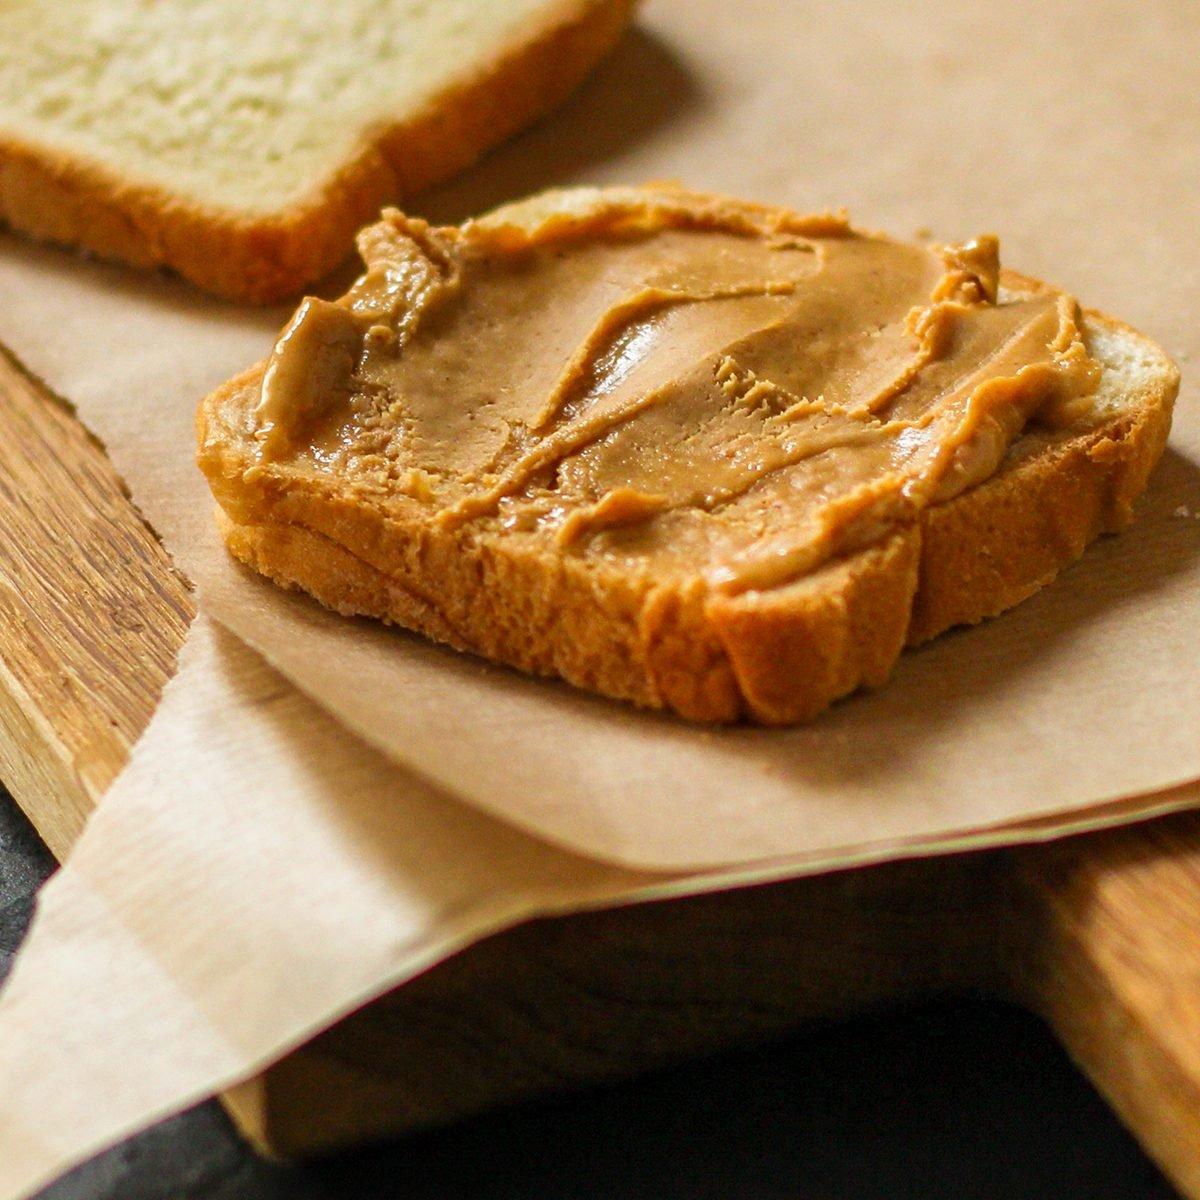 peanut butter sandwich, dessert (sweets or snacks, breakfast)